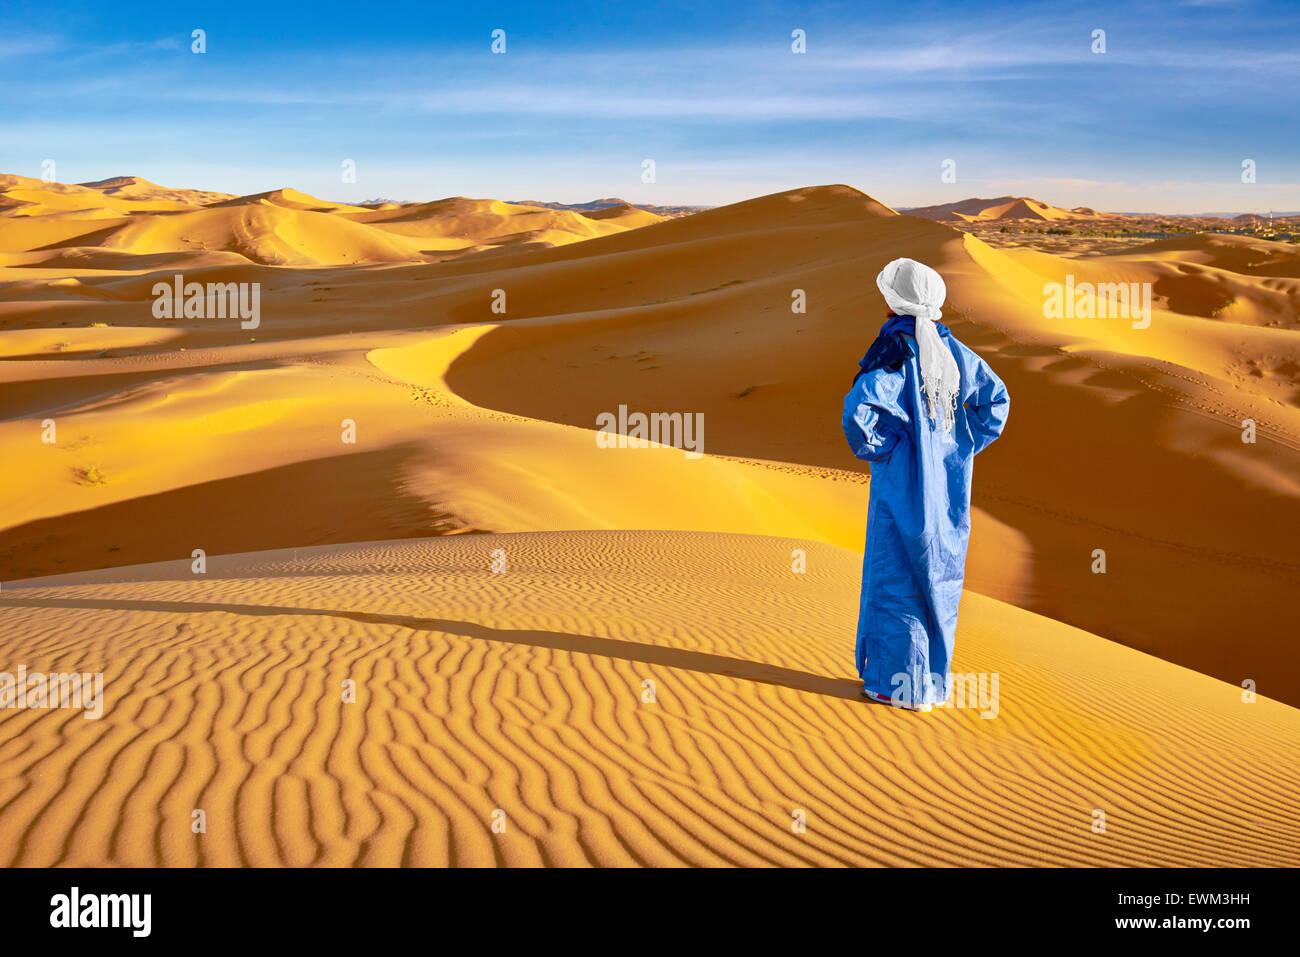 Hombre bereber, Erg Chebbi : desierto cerca de Merzouga, Sahara, Marruecos Imagen De Stock